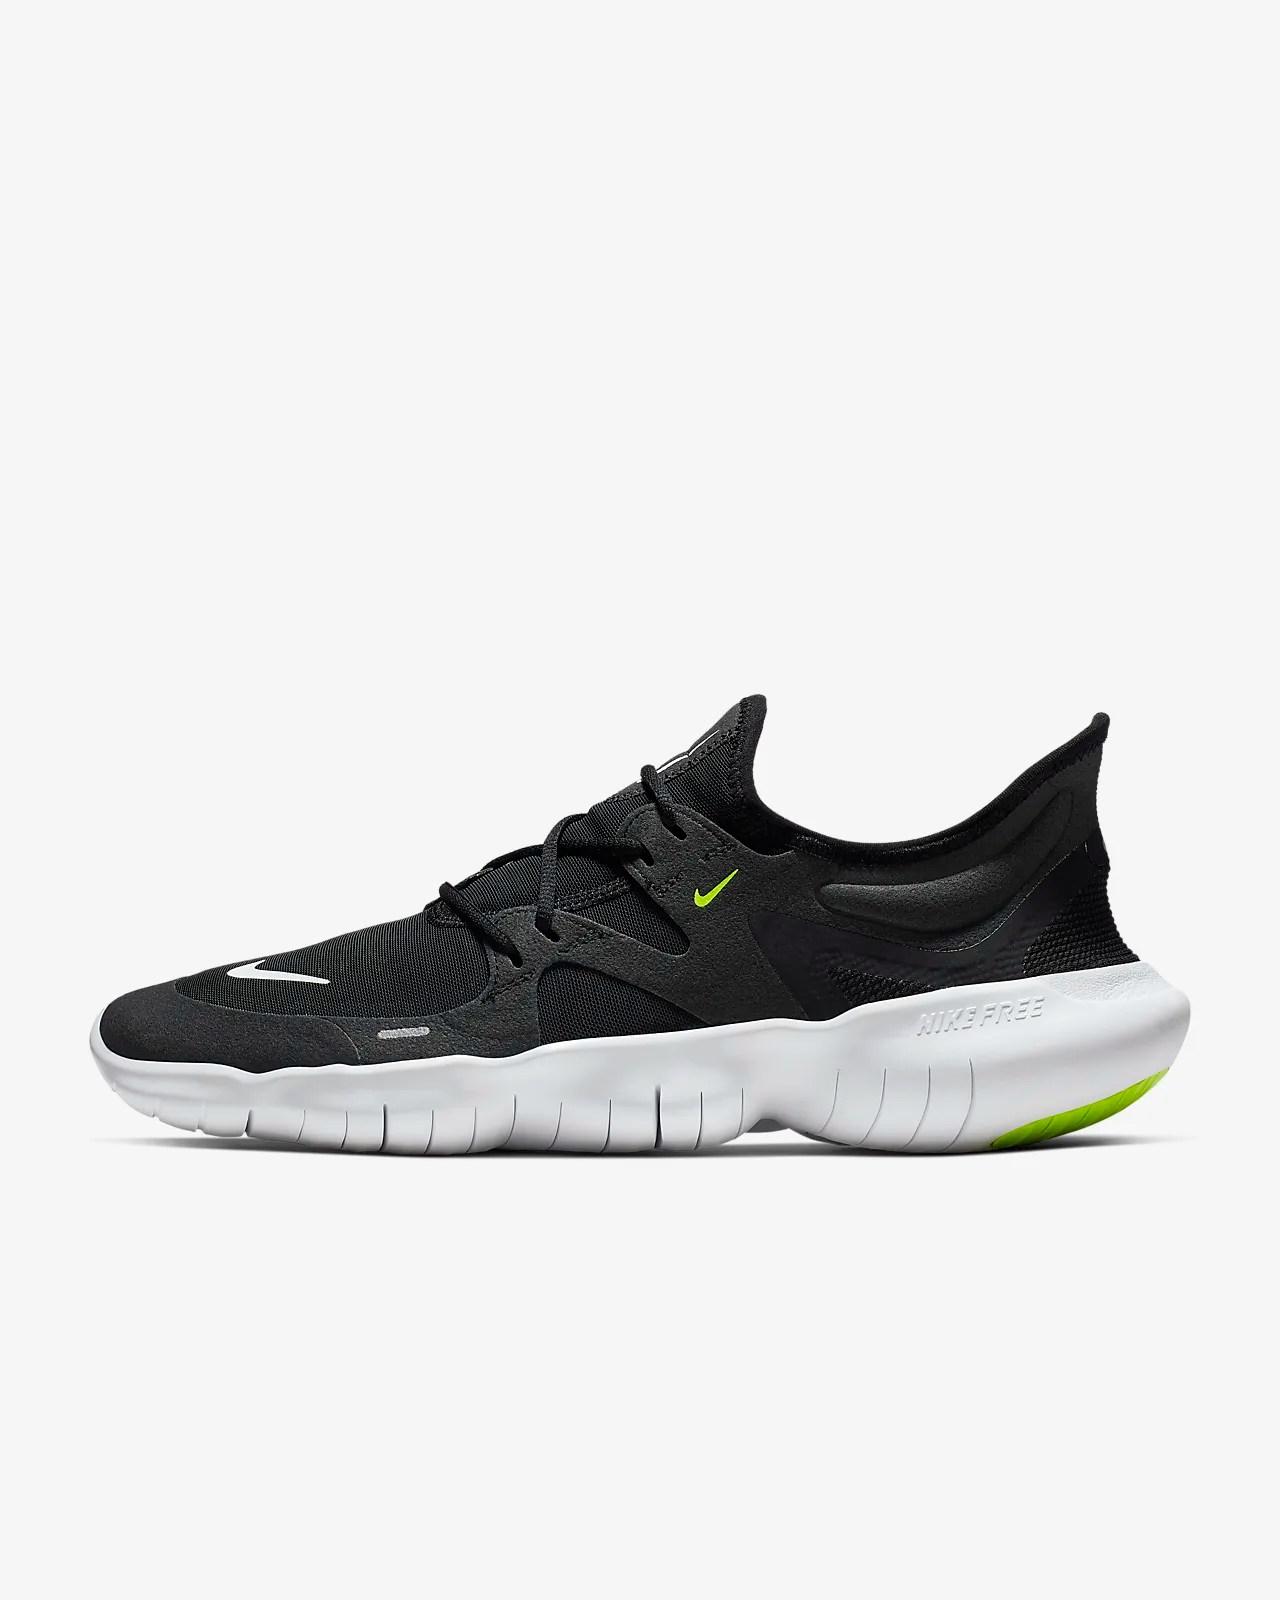 Nike Free RN 5.0 Men's Running Shoe. Nike SG